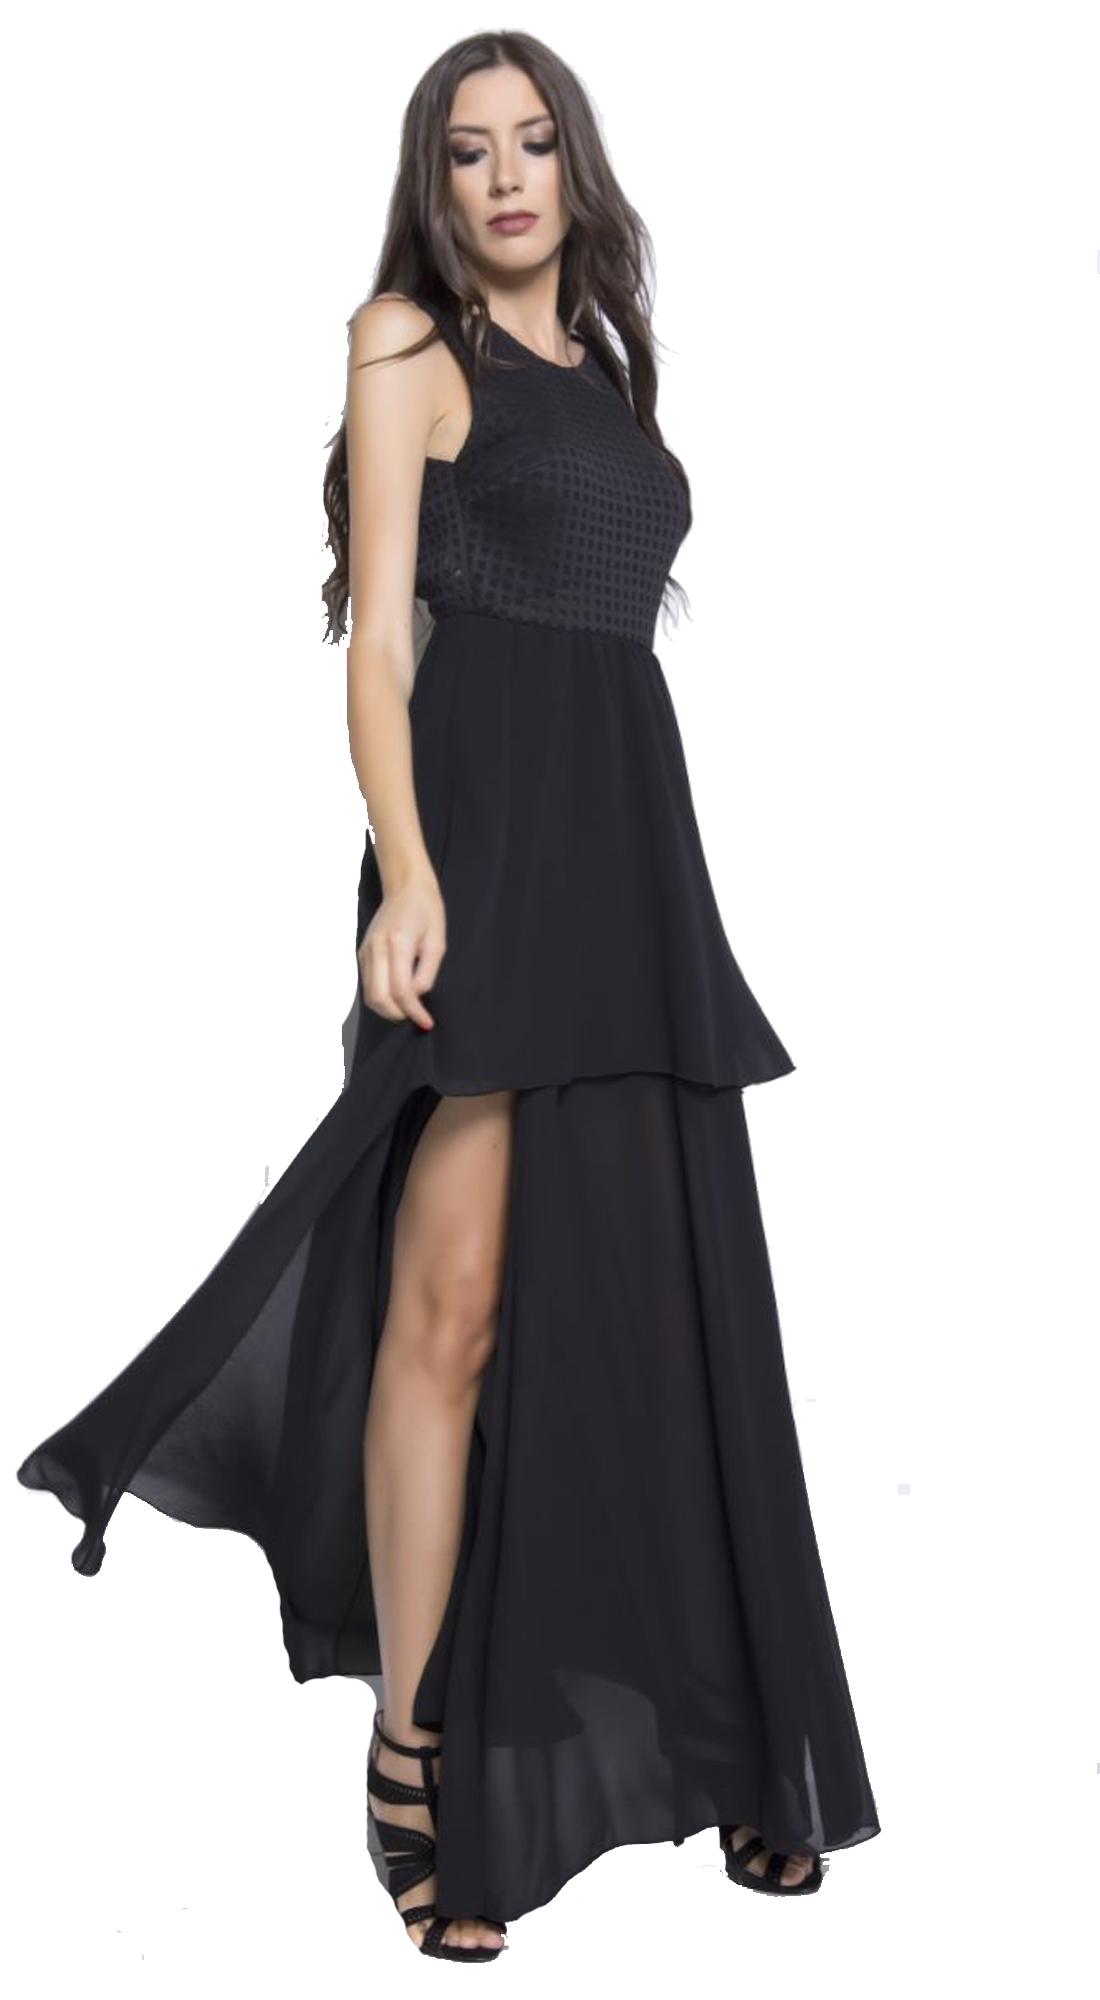 Βραδυνό μάξι φόρεμα ασσύμετρο με σχέδιο - OEM - FA17SOF-5404093 glam occassions wedding shop